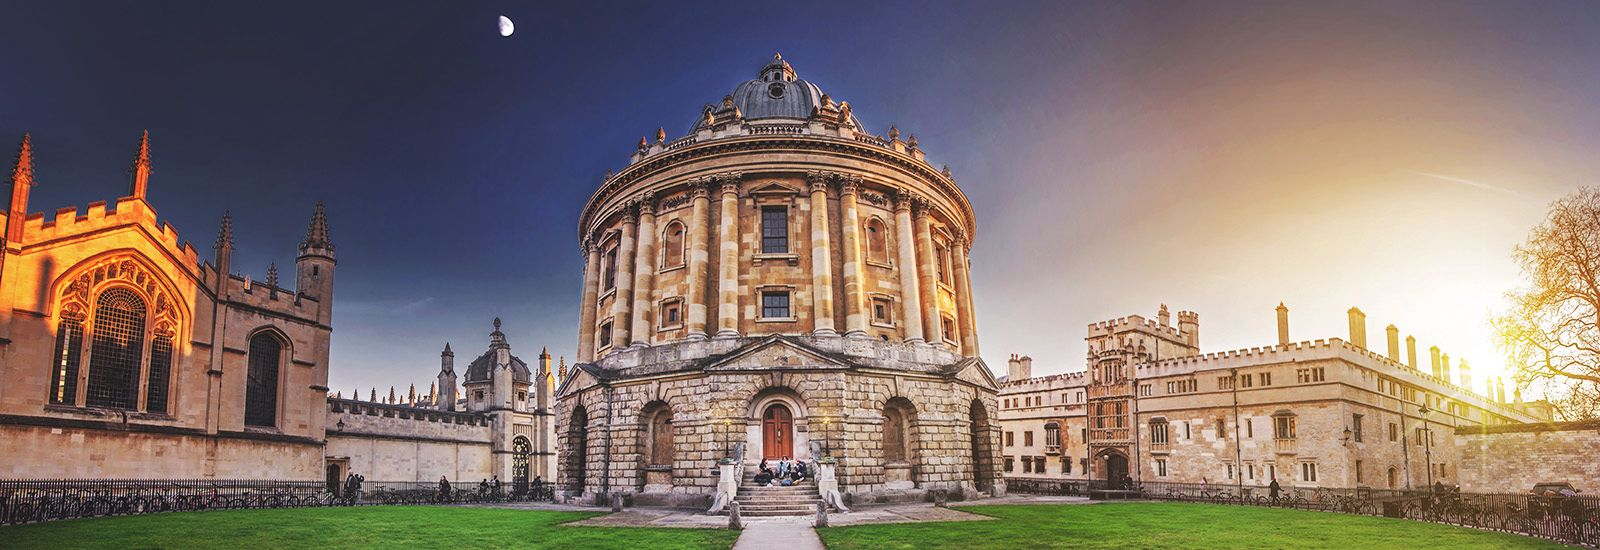 best universities in uk oxford